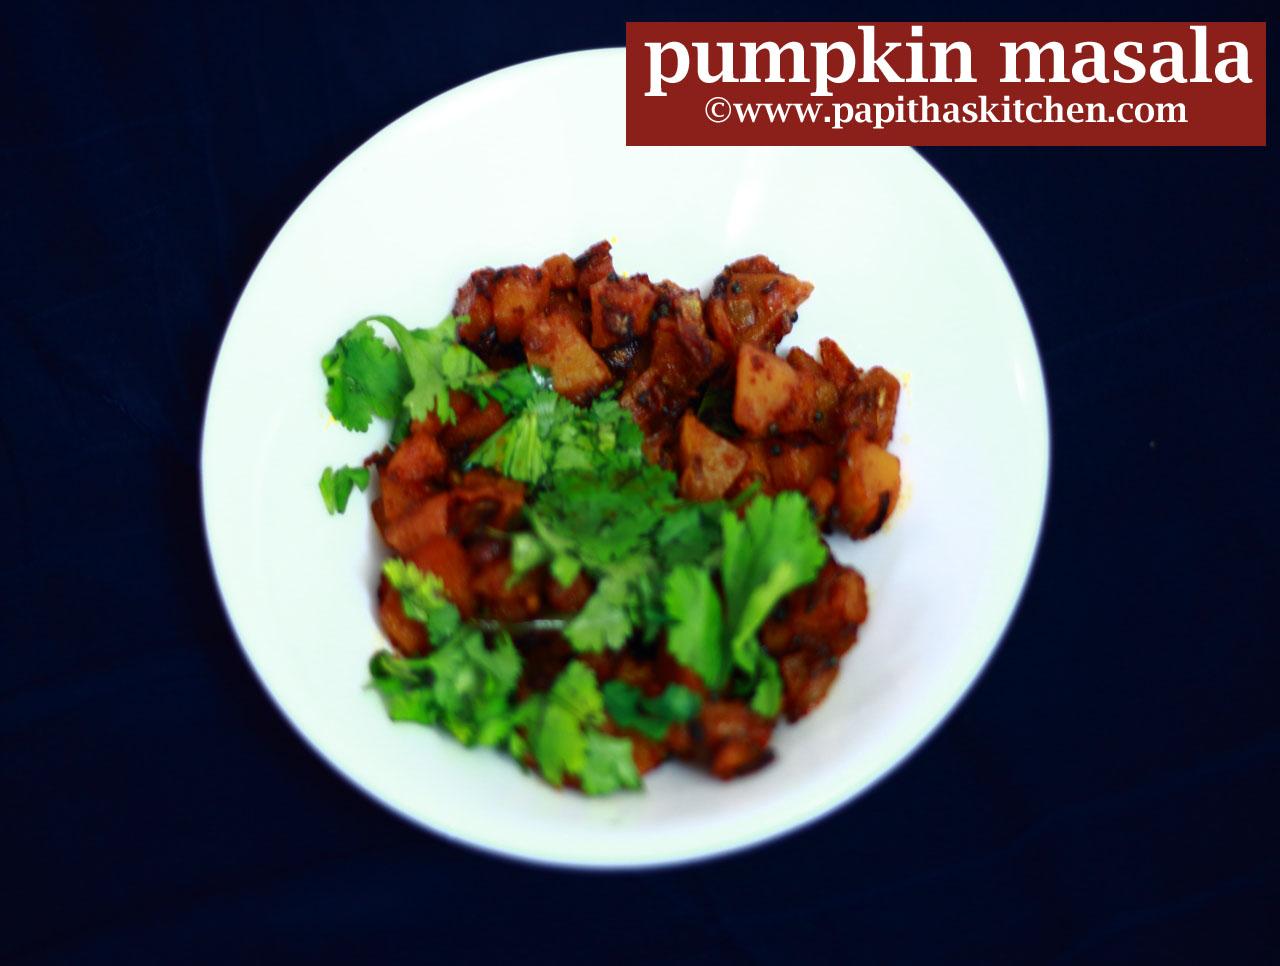 pumpkin masala